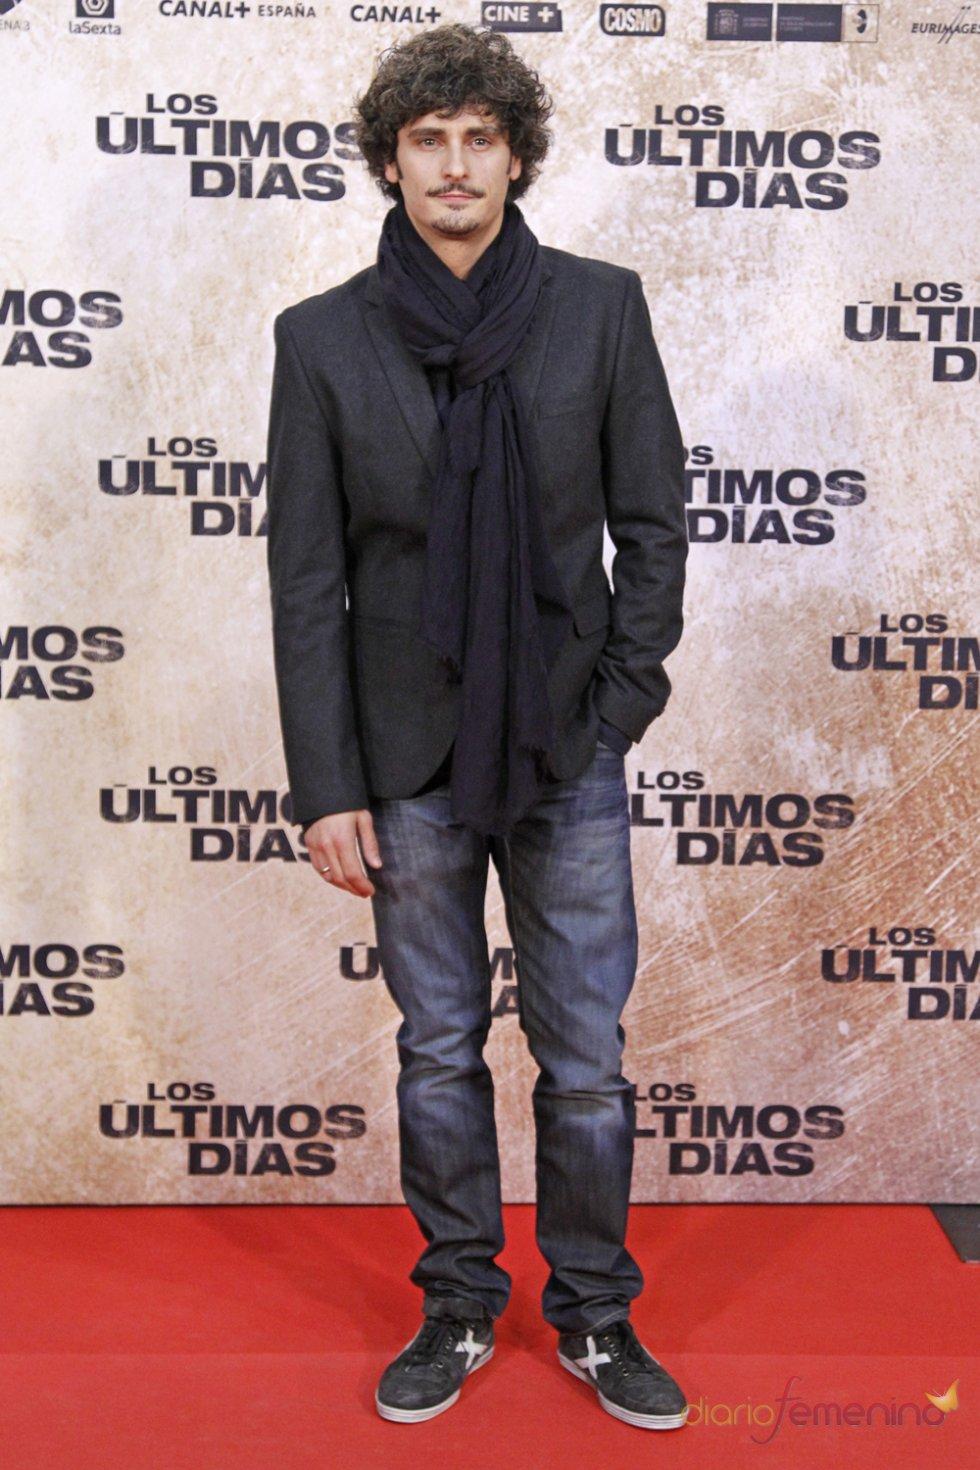 El actor Antonio Pagudo en la premiere de 'Los últimos días'